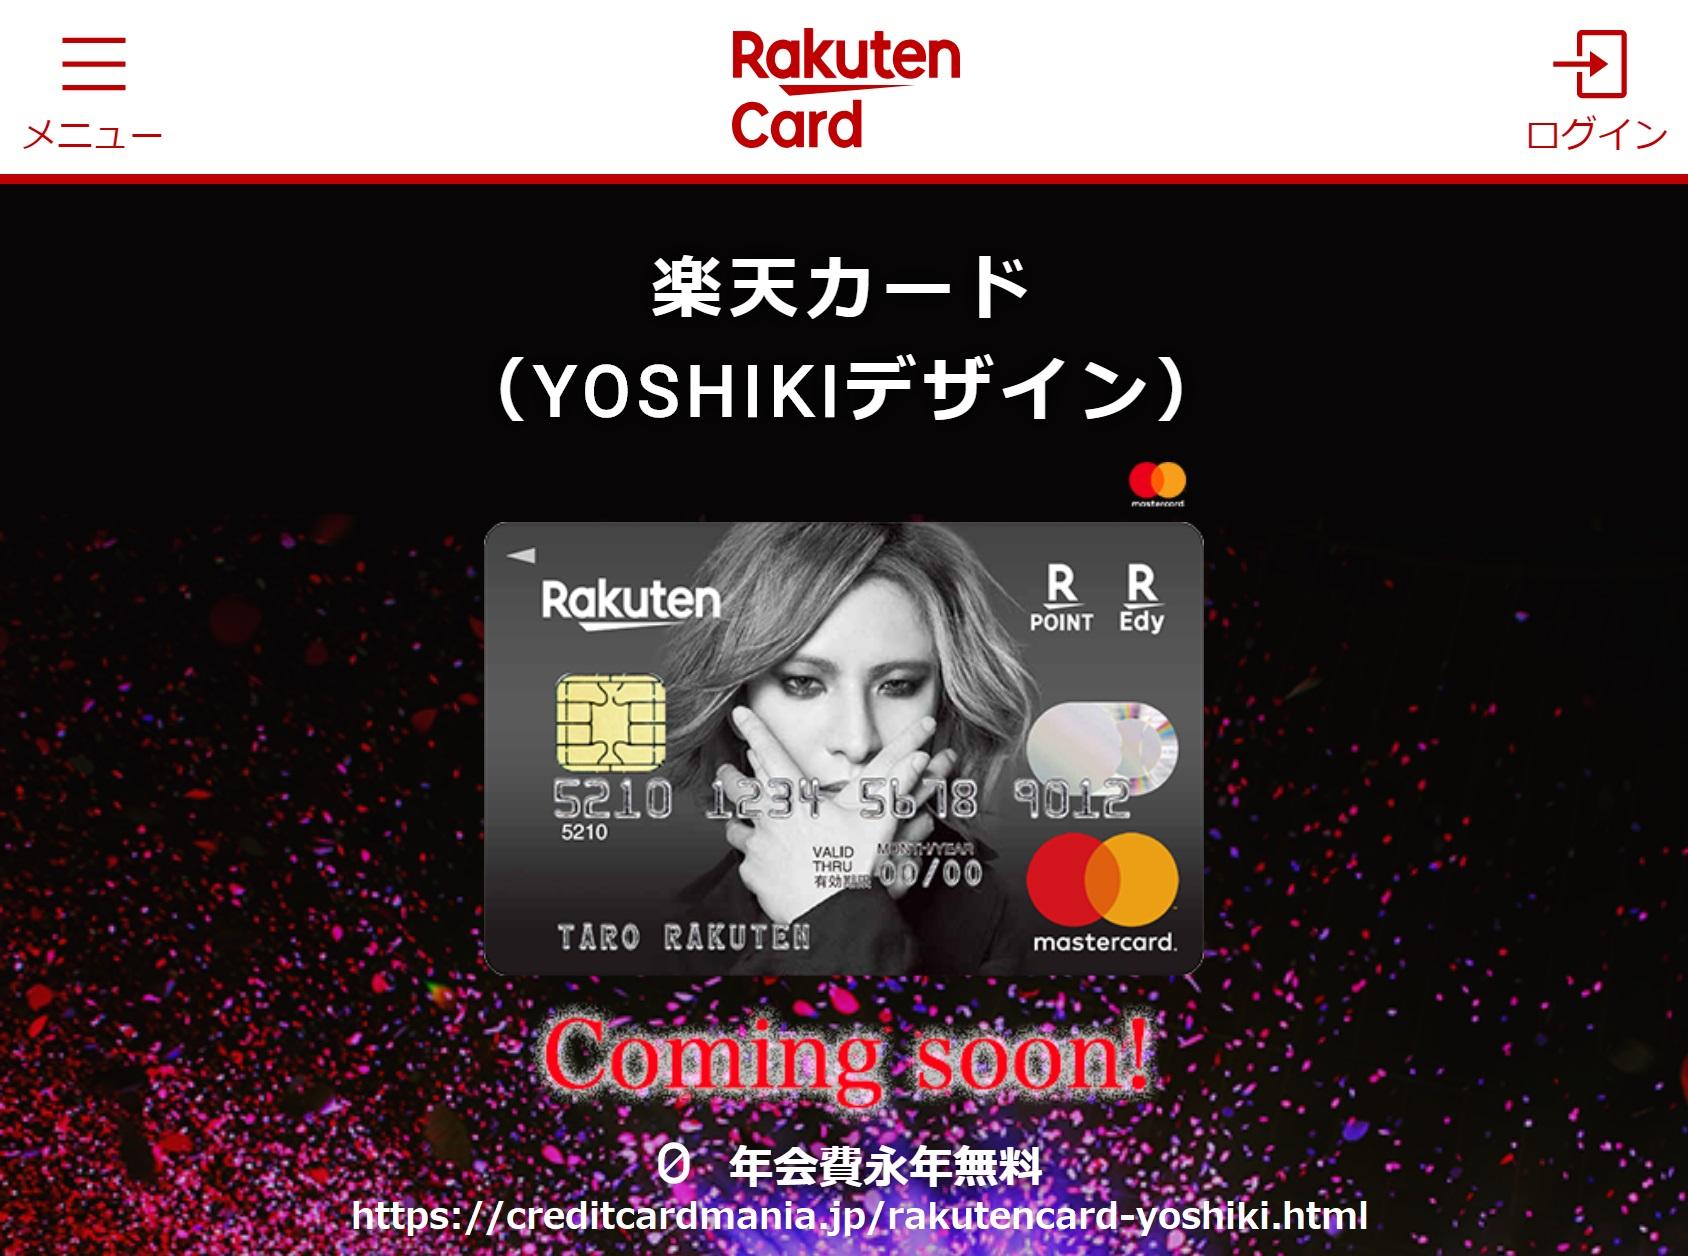 楽天カード(株)トップのスライドショー2枚目の楽天カード(YOSHIKI)